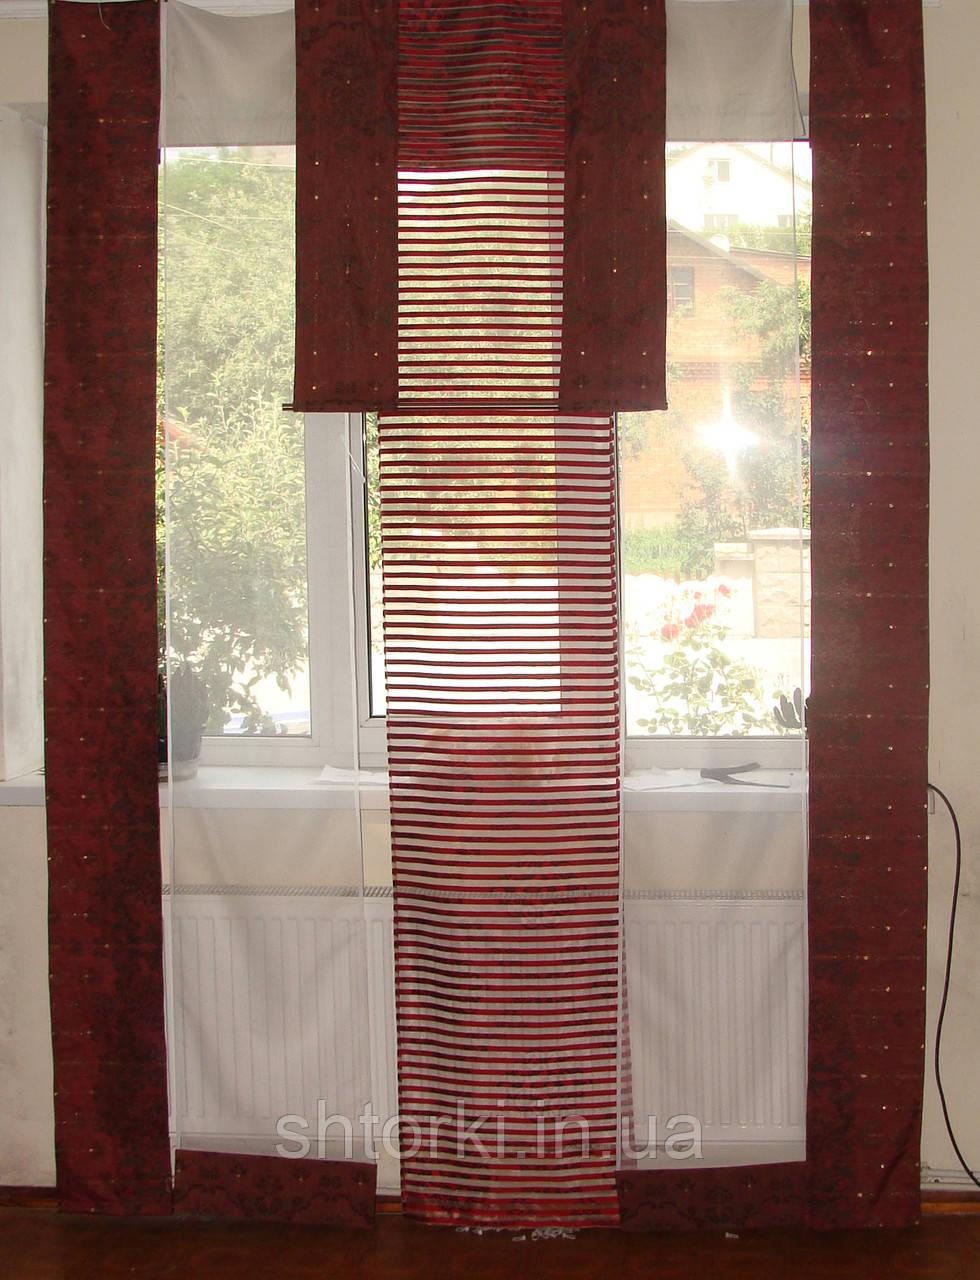 Комплект панельных шторок Арда бордо